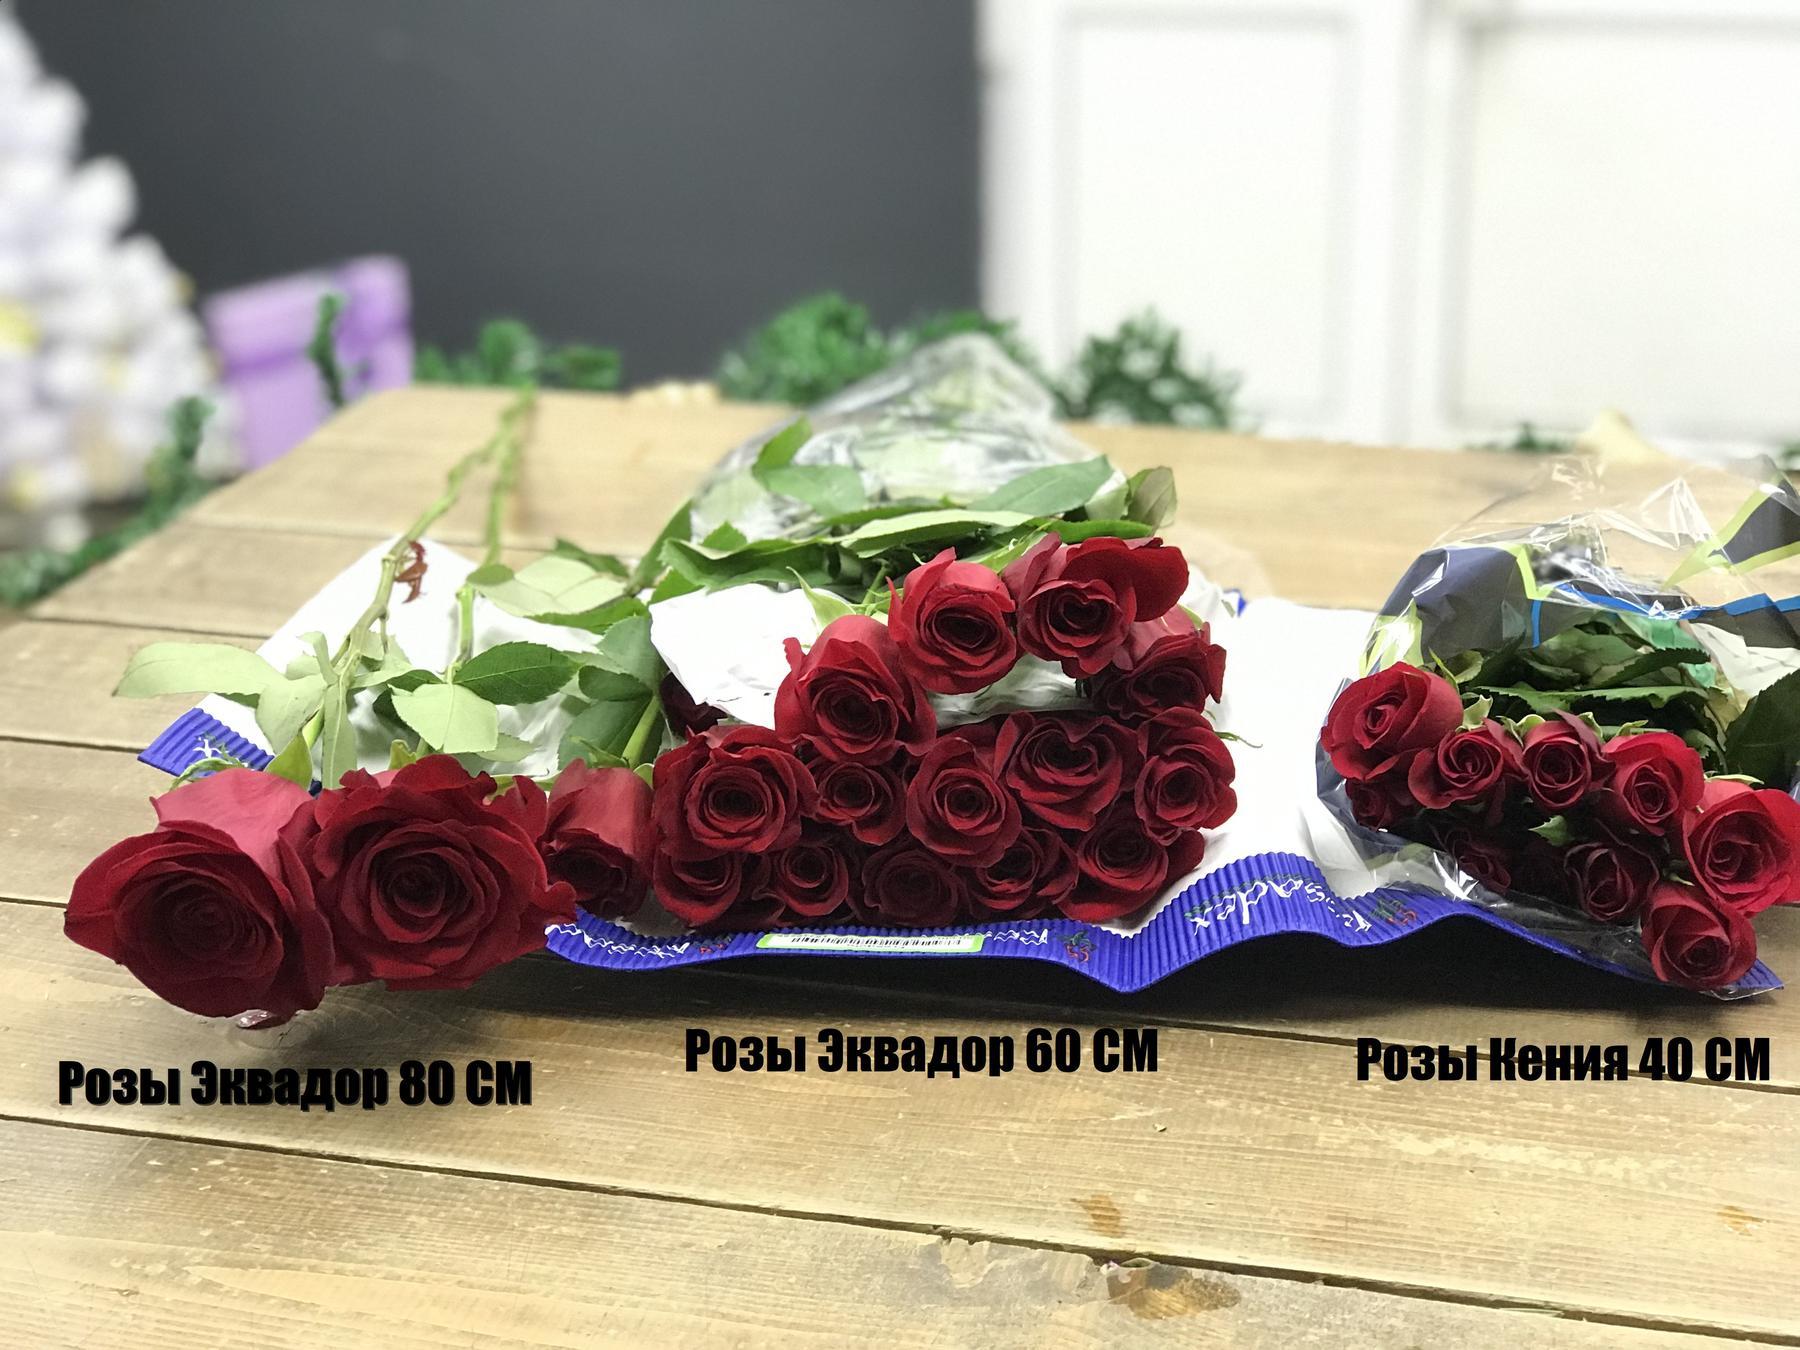 Розы Кенийские, Розы Эквадорские